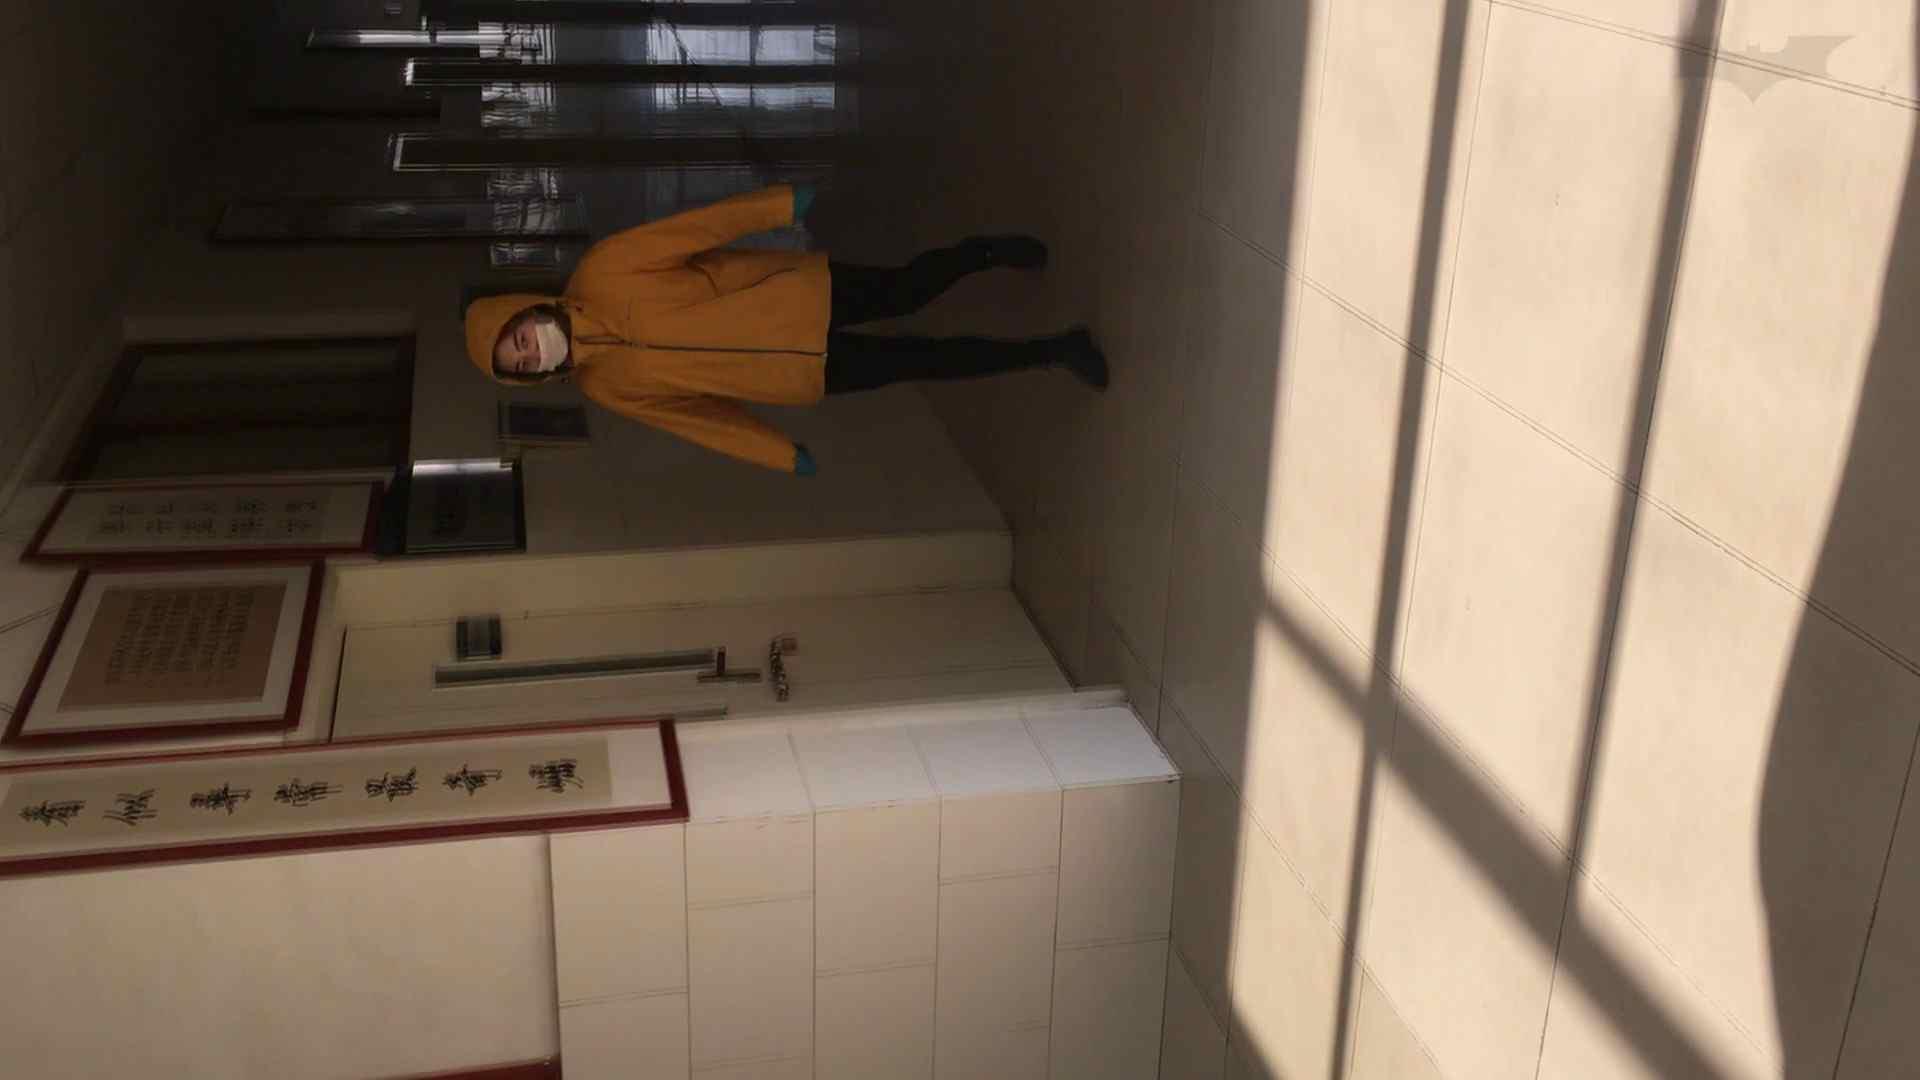 芸術大学ガチ潜入盗撮 JD盗撮 美女の洗面所の秘密 Vol.91 盛合せ AV無料動画キャプチャ 66画像 14